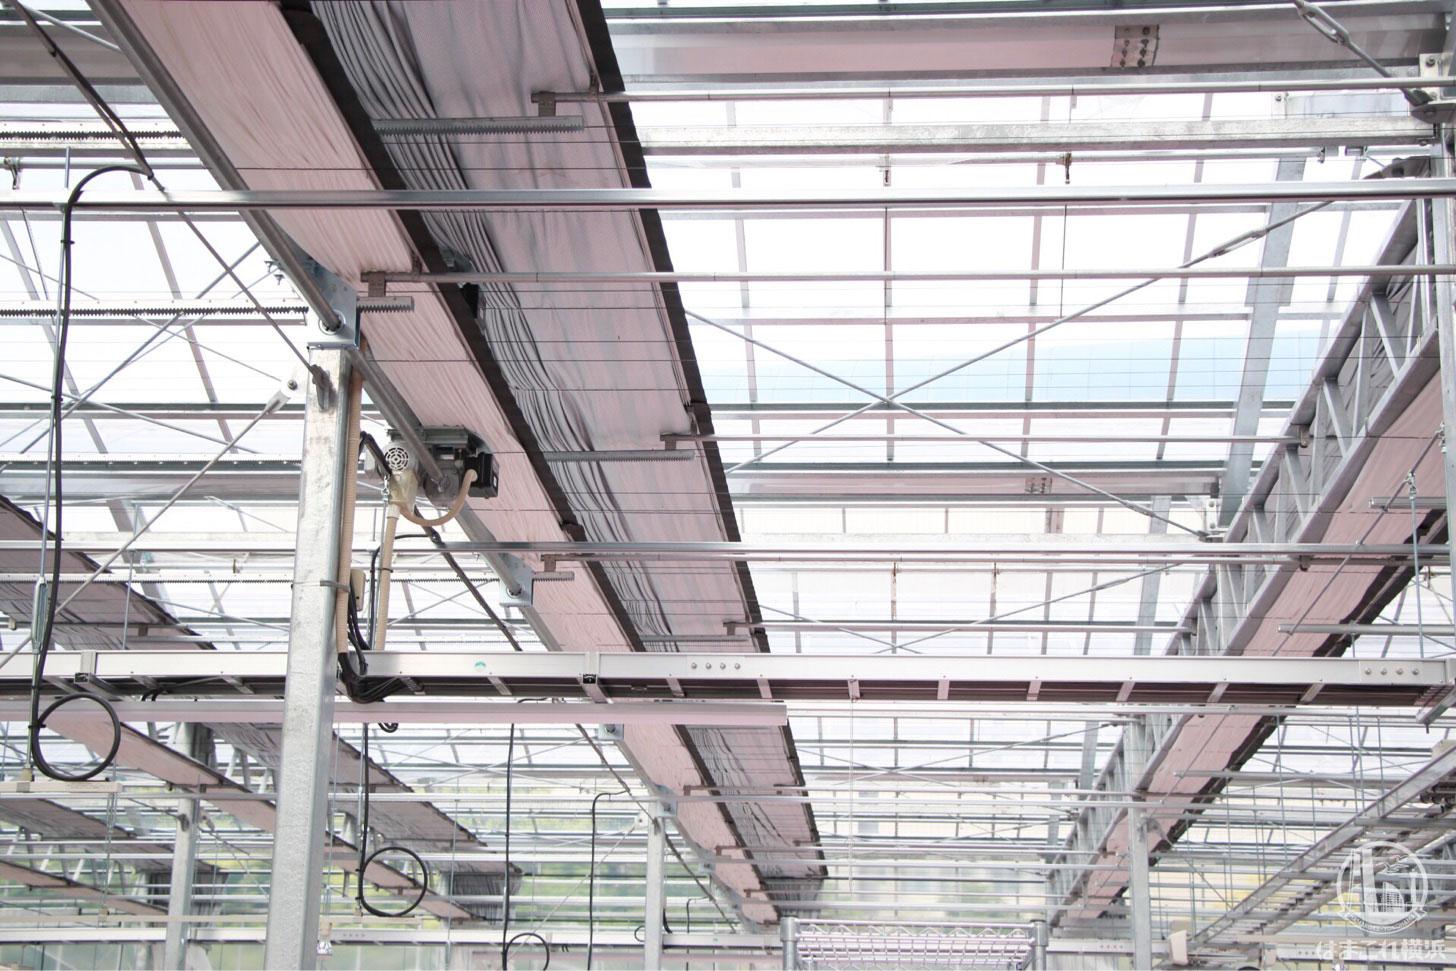 気温湿度に応じて自動で開閉する天井のカーテン